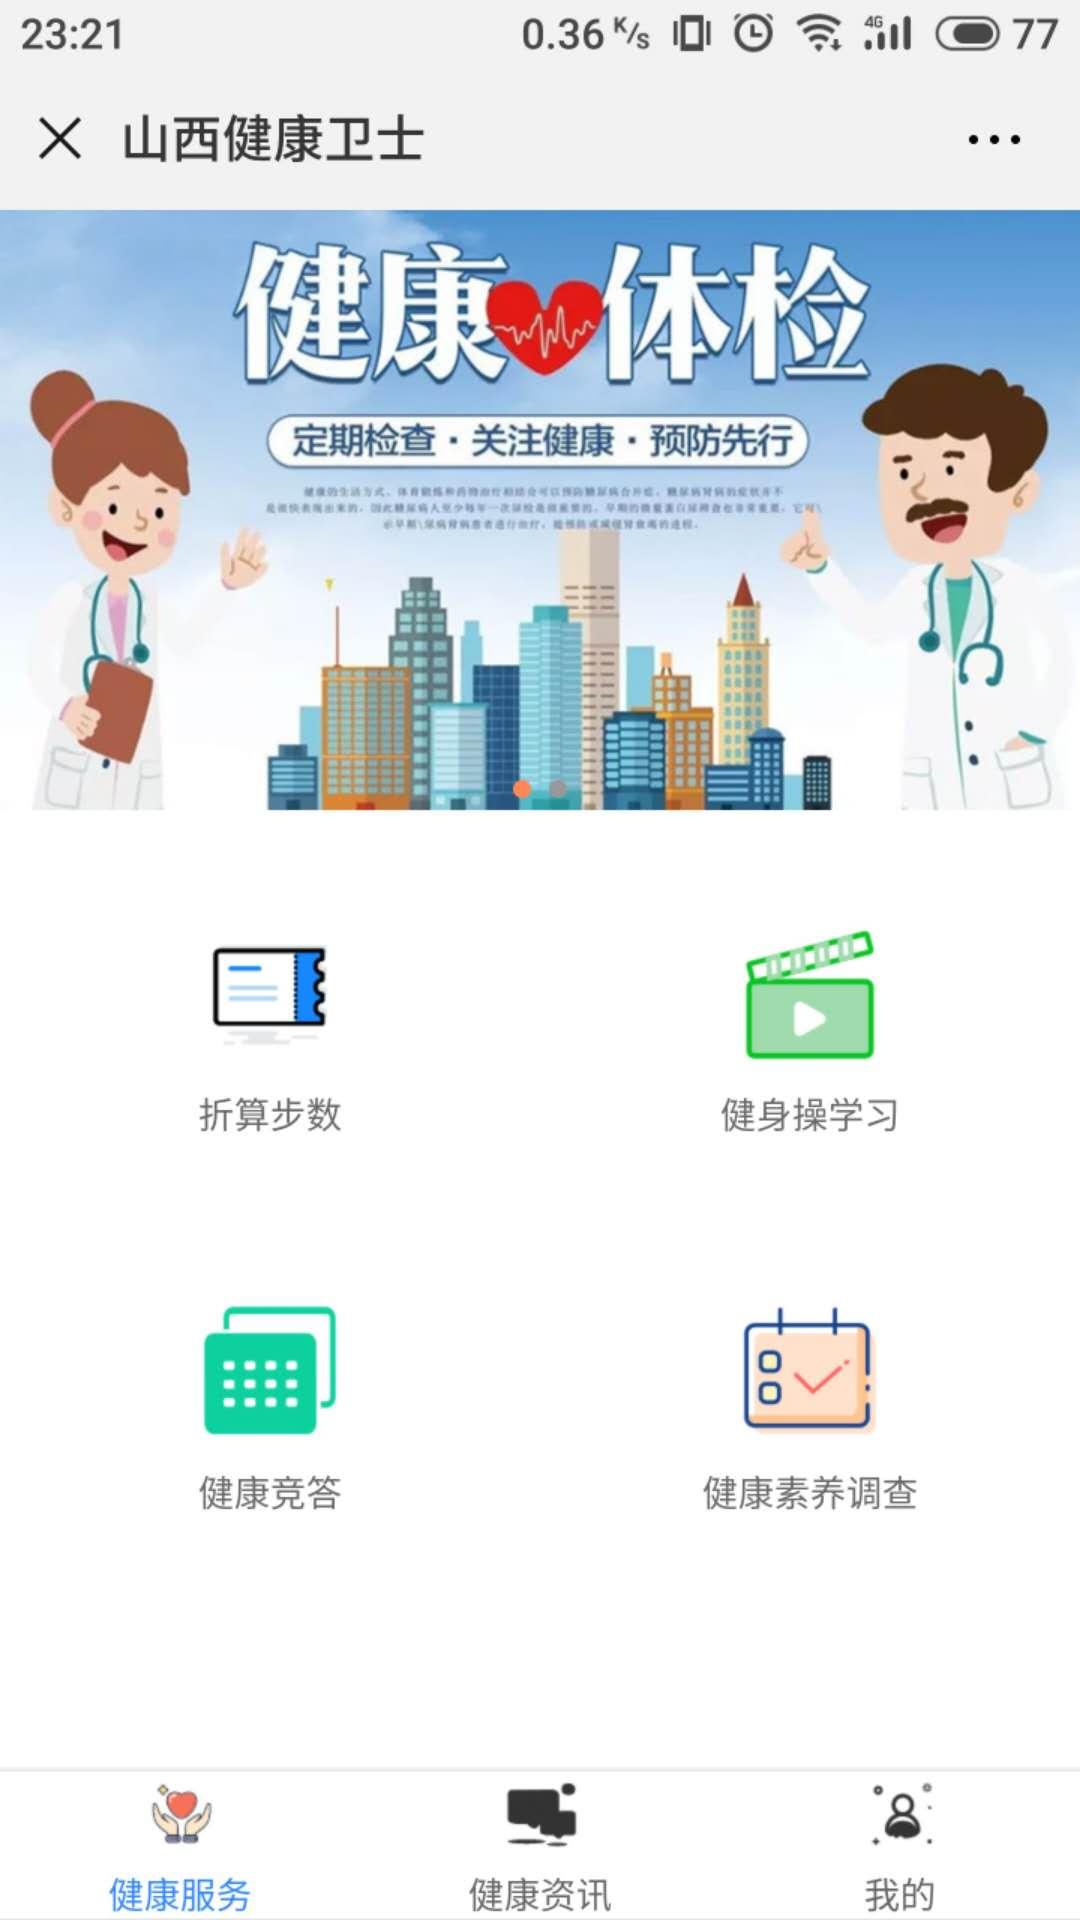 微信公众号-健康卫士